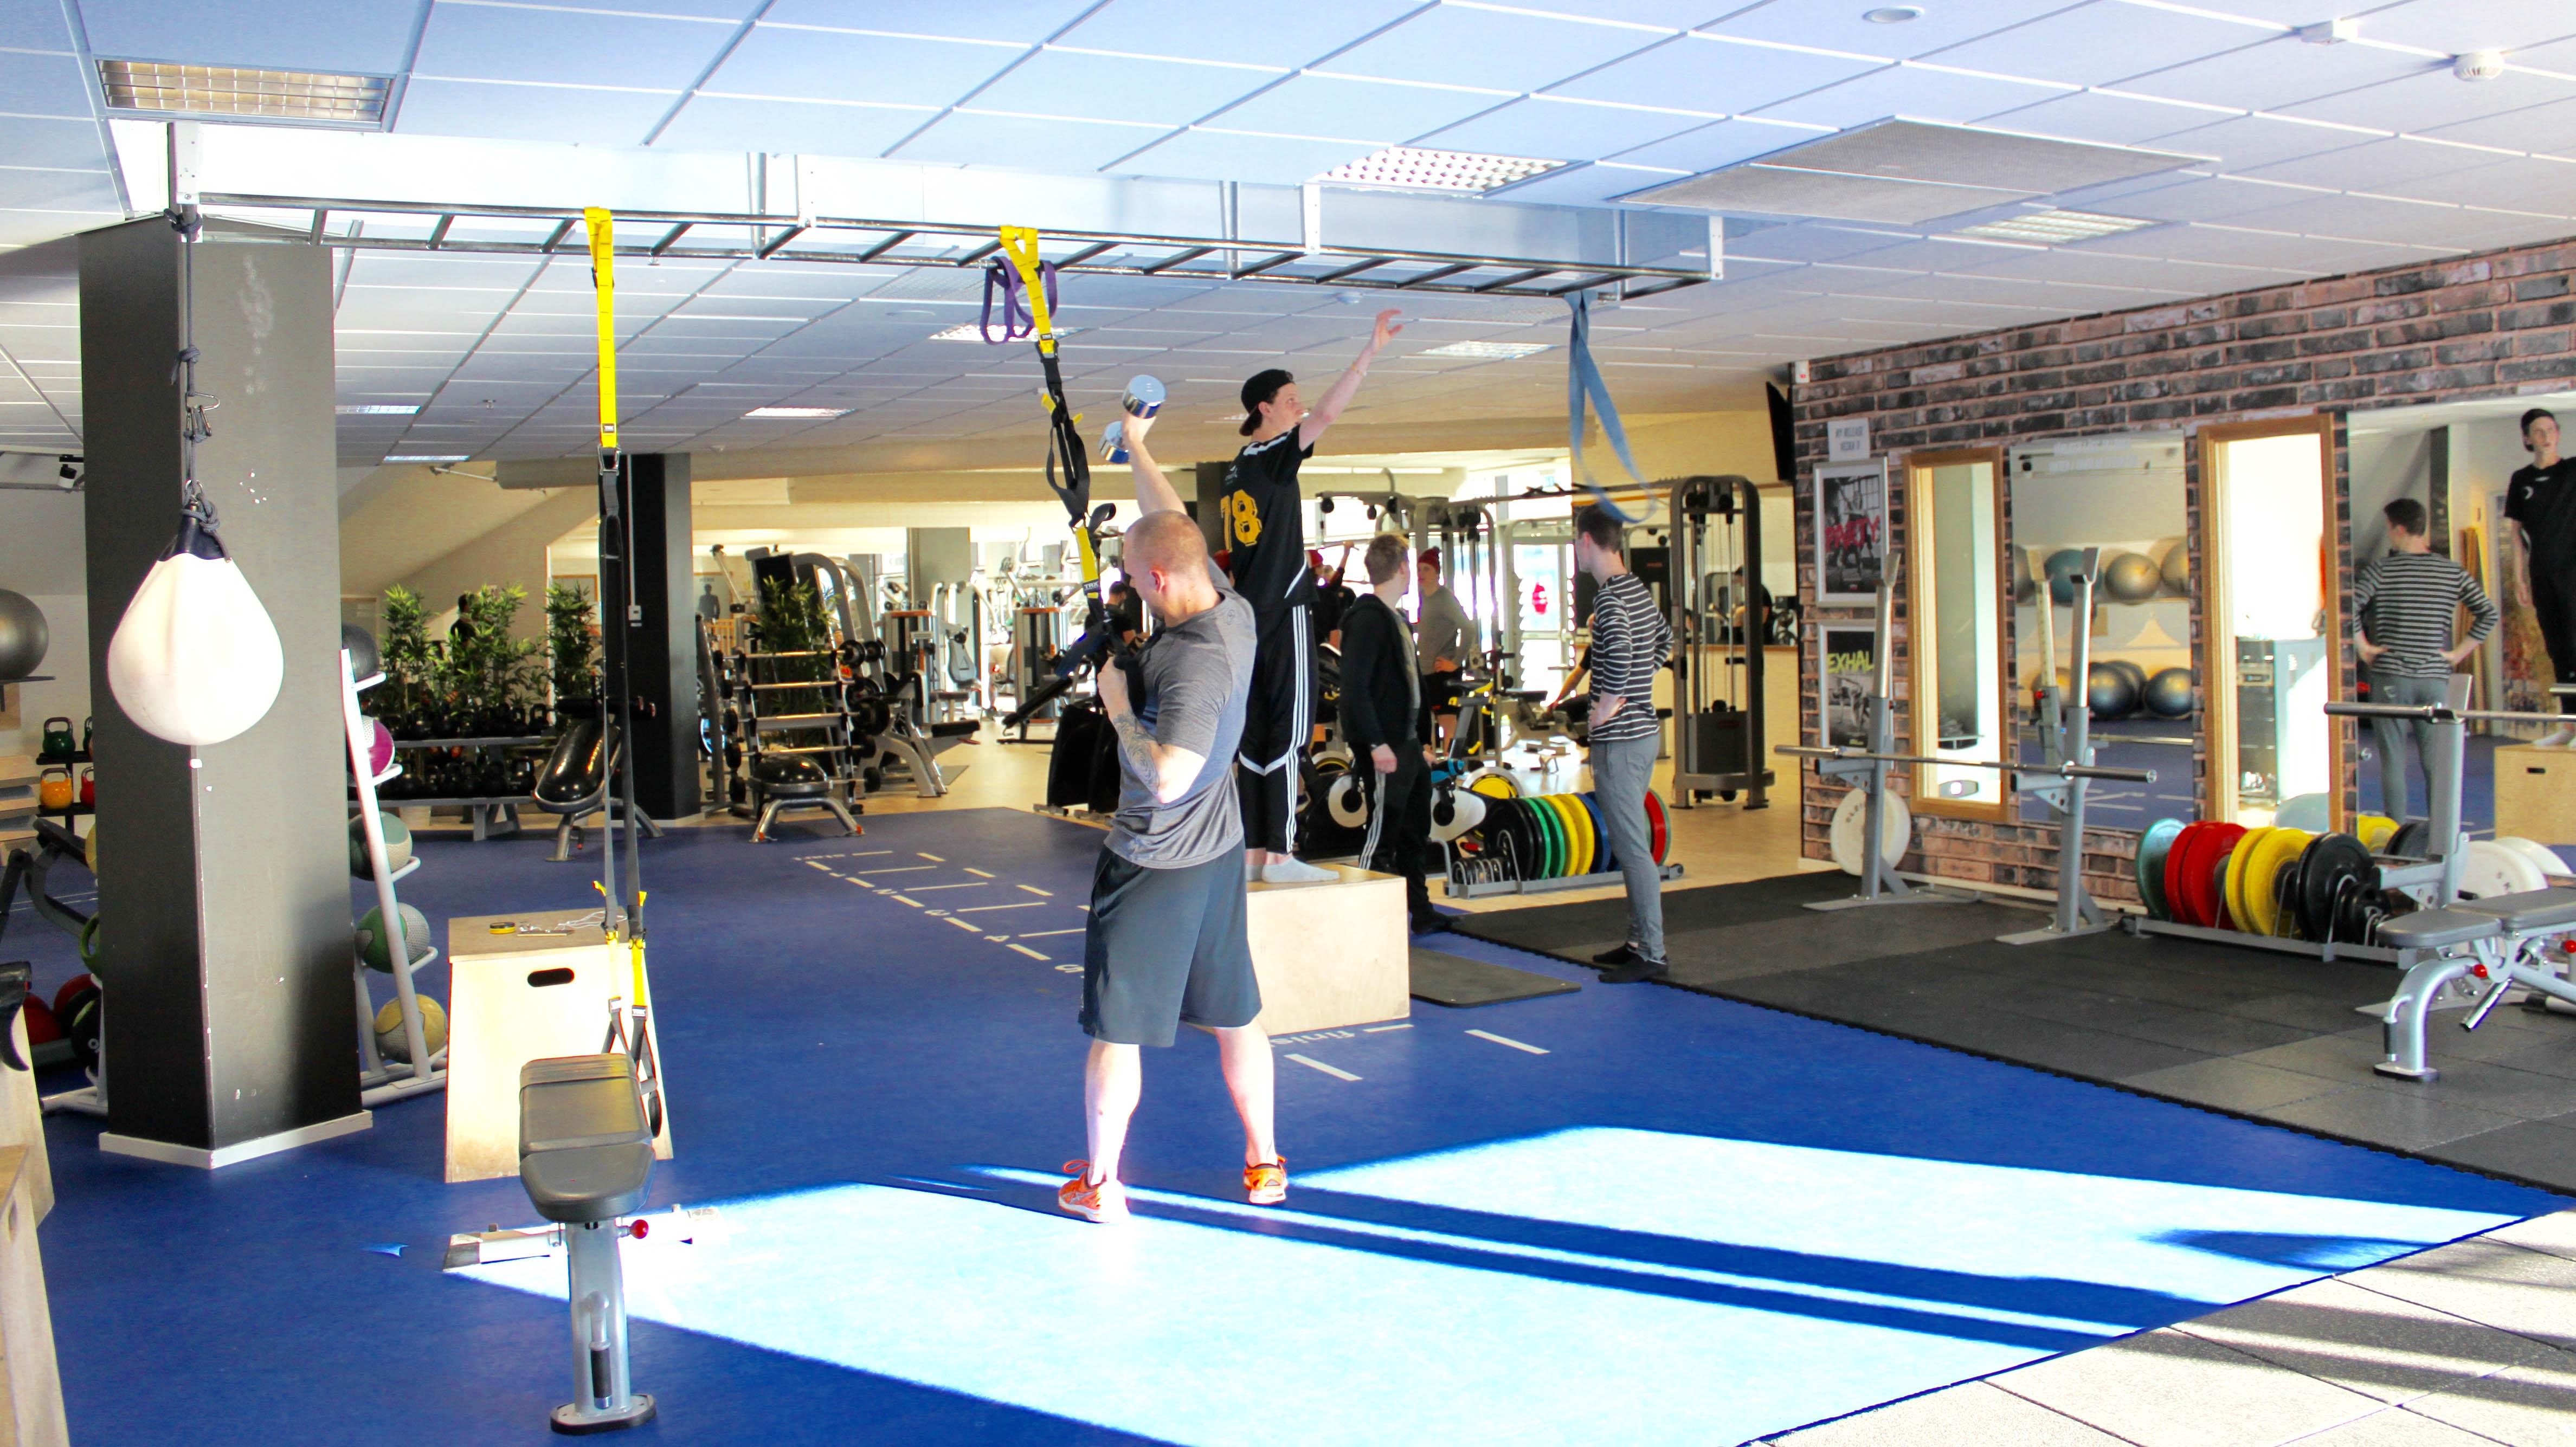 24 fitness växjö